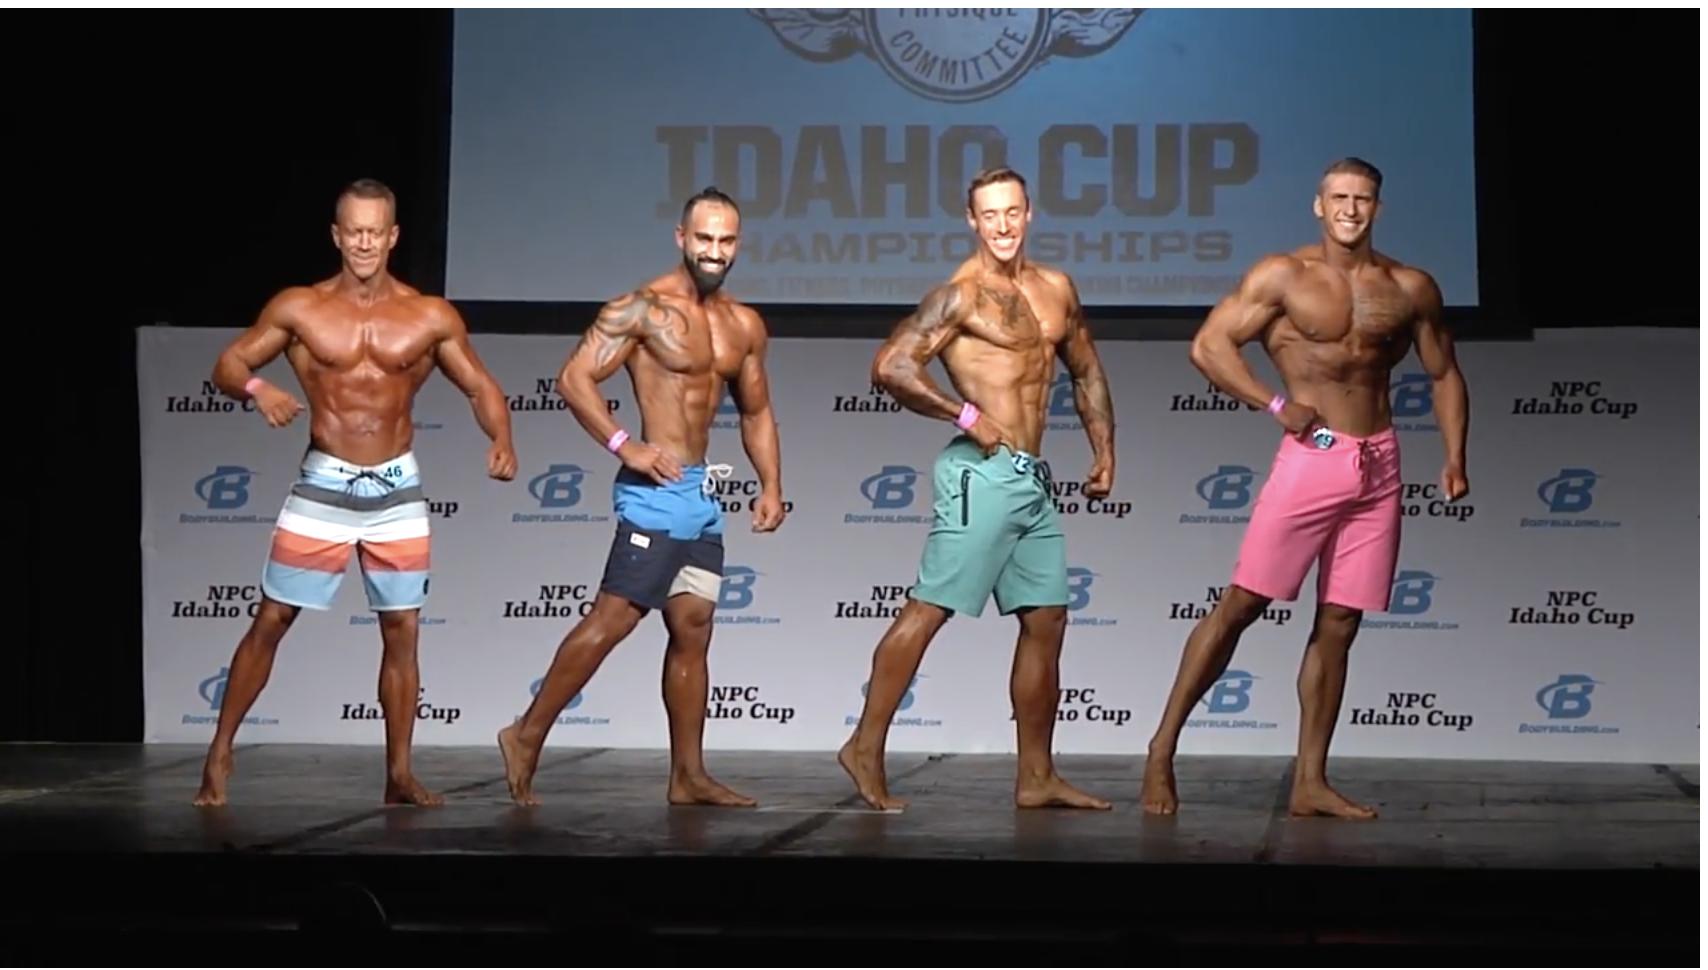 2017 NPC Idaho Cup Men's Physique Overall Video